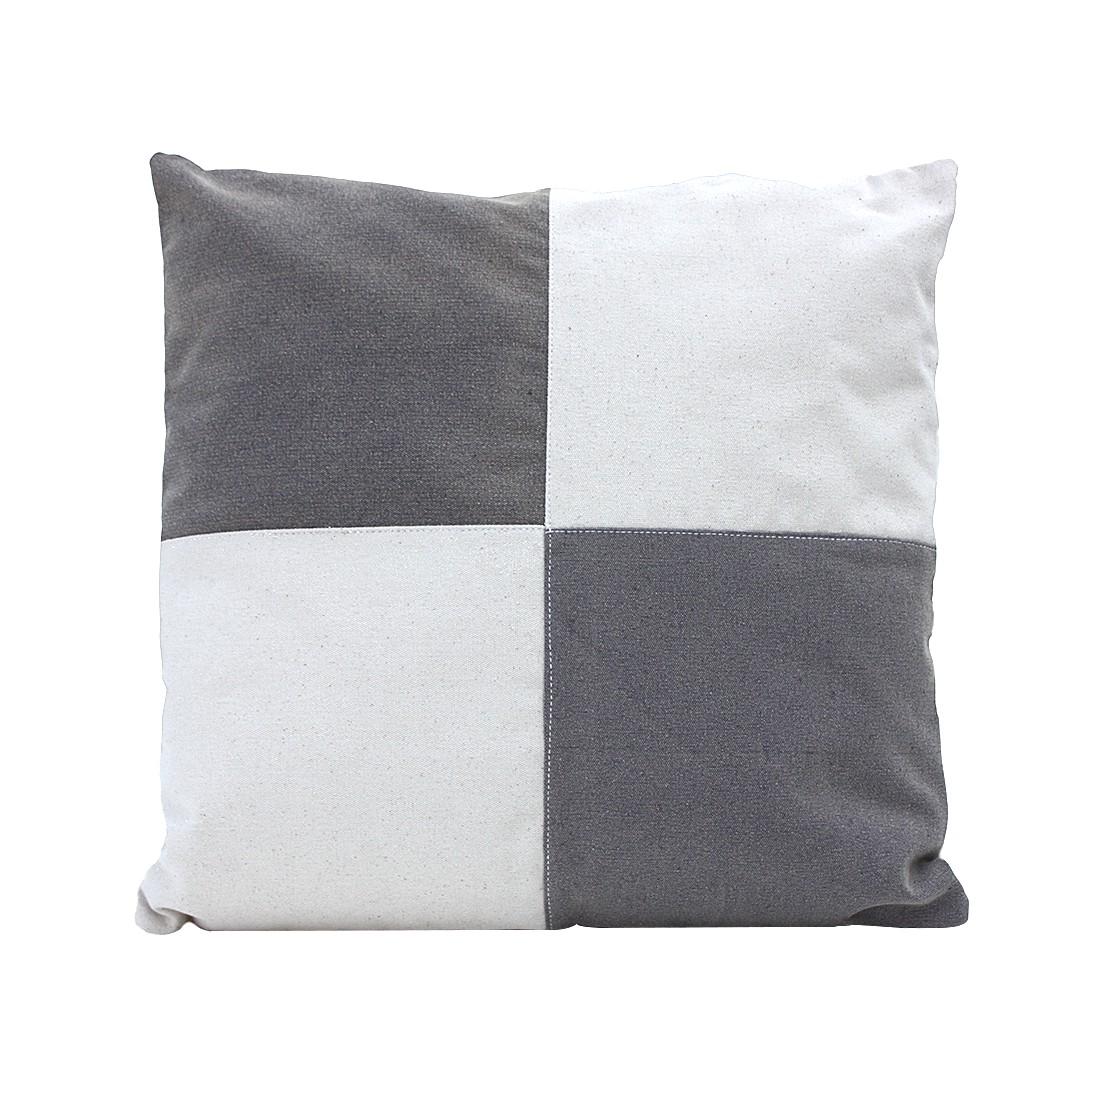 kissen manon 100 baumwolle henk schram g nstig bestellen. Black Bedroom Furniture Sets. Home Design Ideas